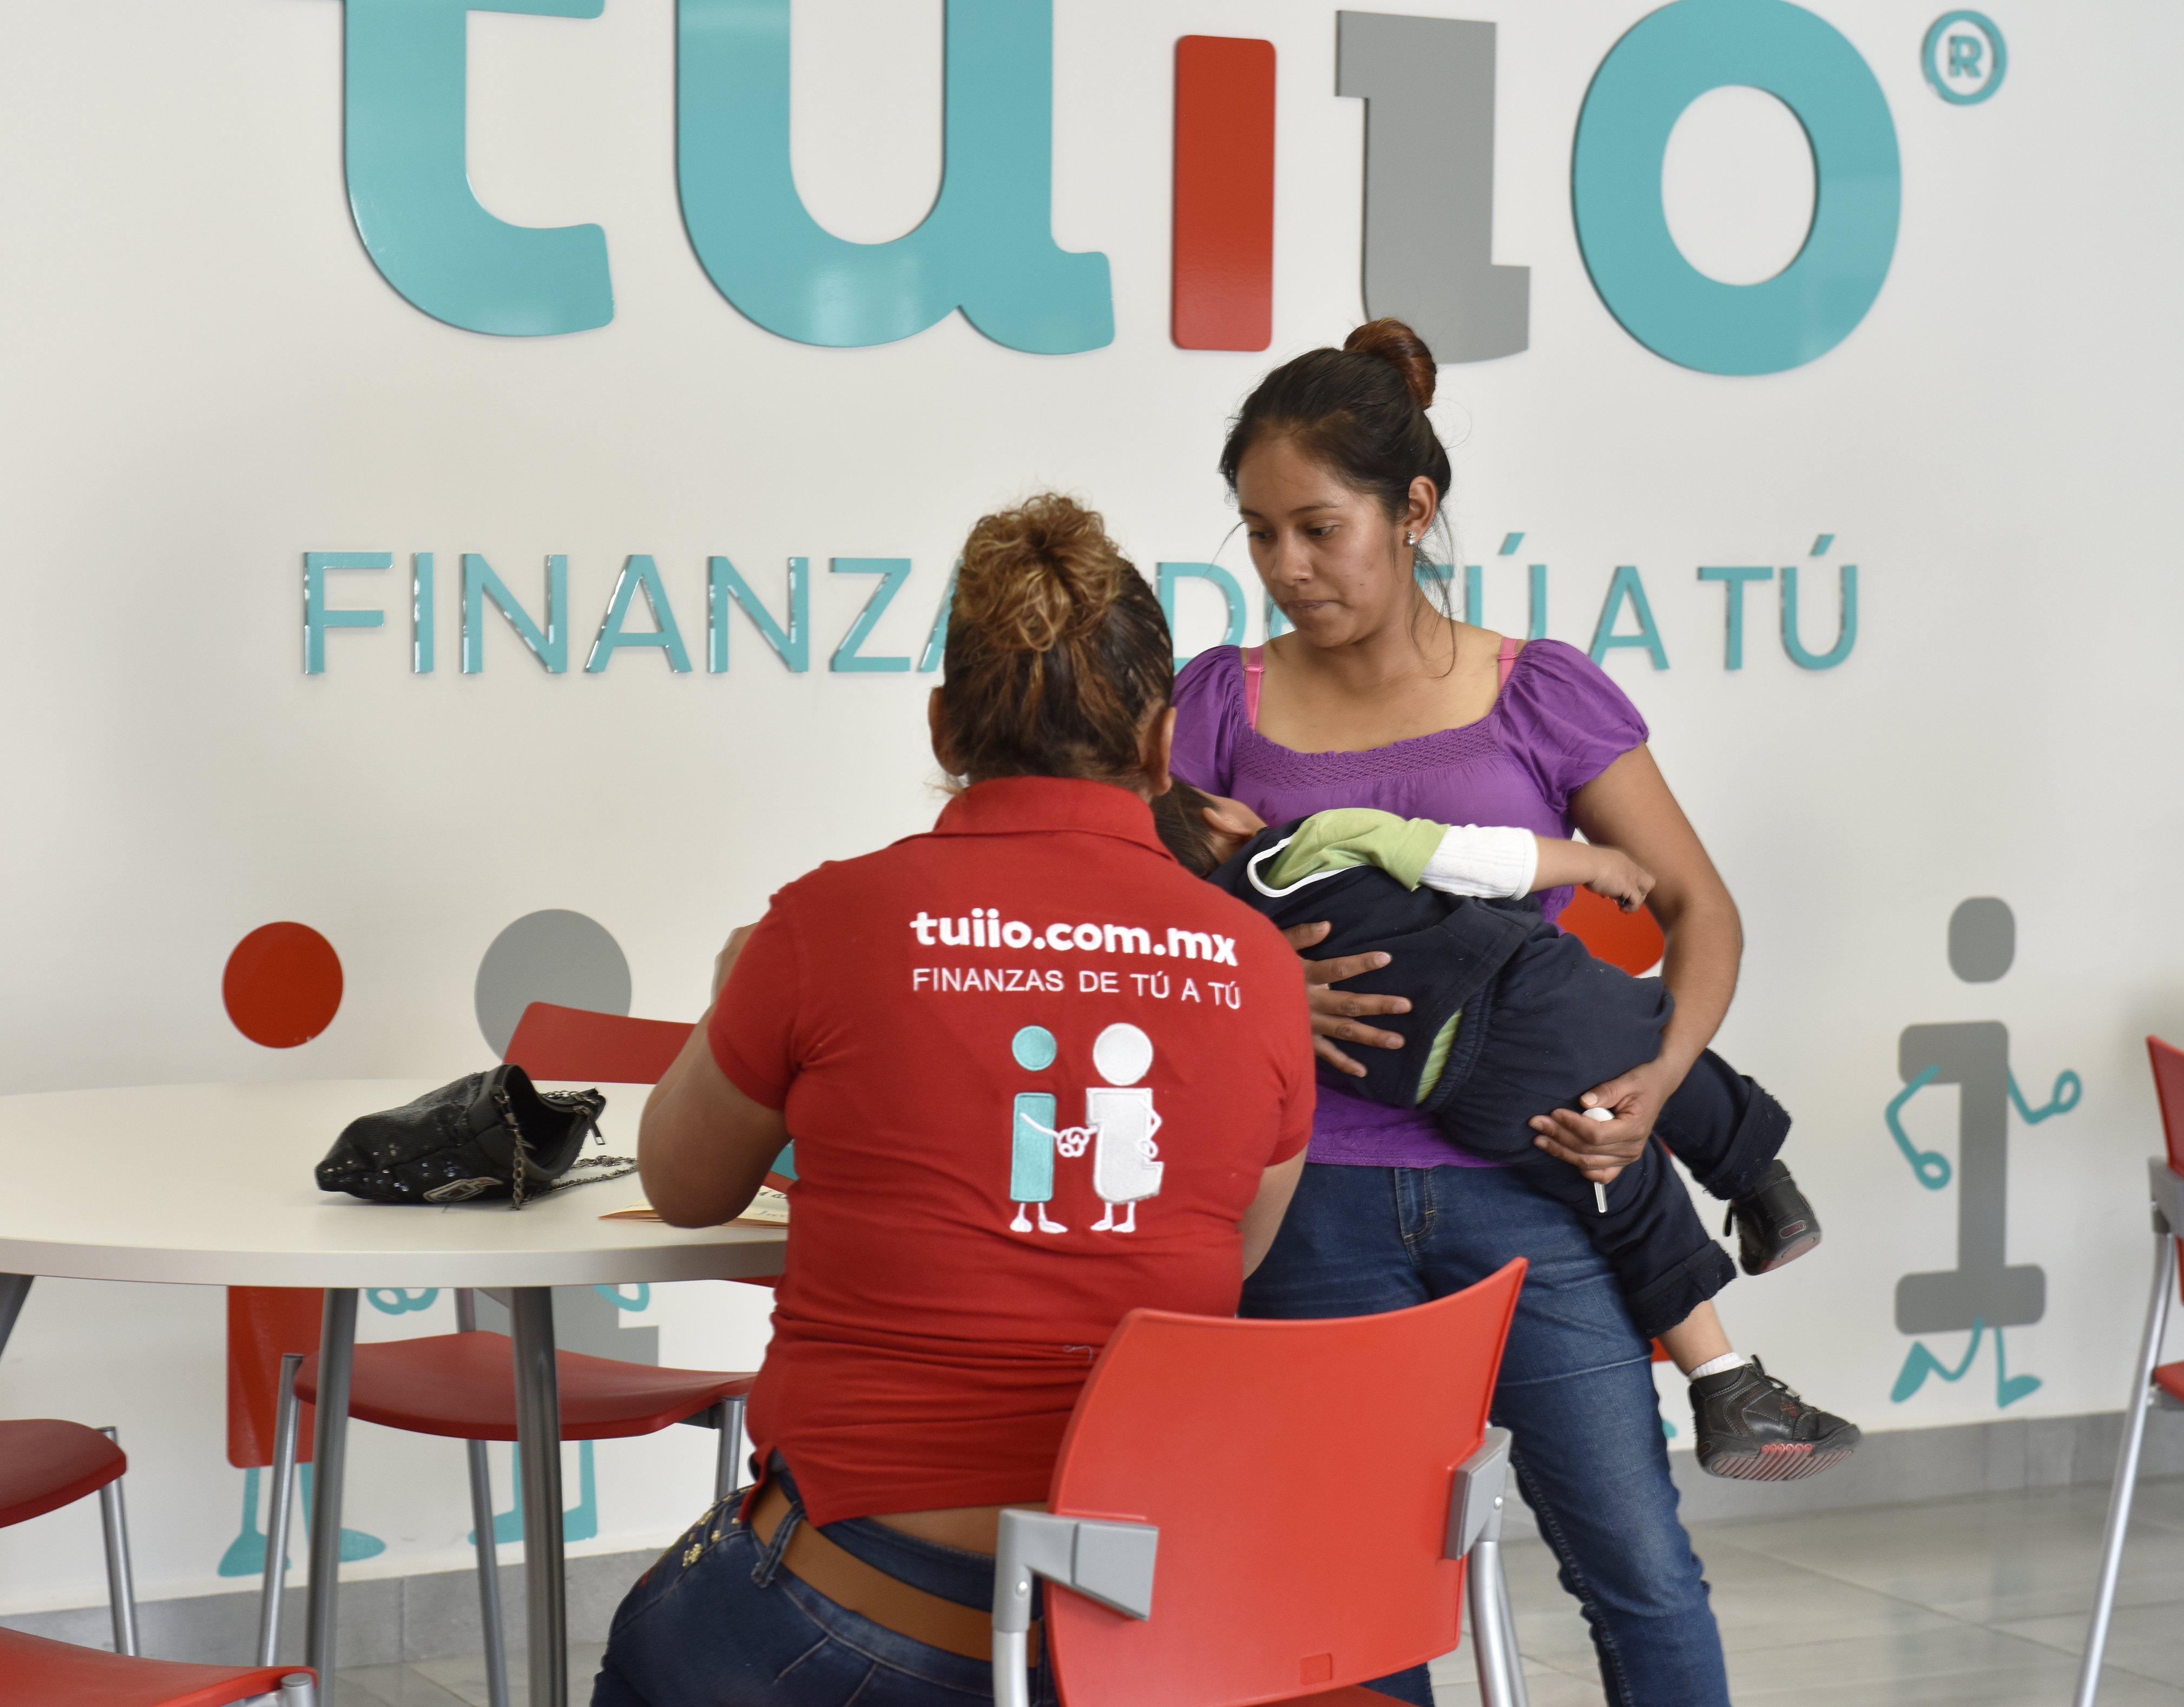 El programa TUIIO es un programa de inclusión financiera que el Banco Santander ha puesto en marcha en México porque 2.000 millones de personas sin acceso a servicios bancarios